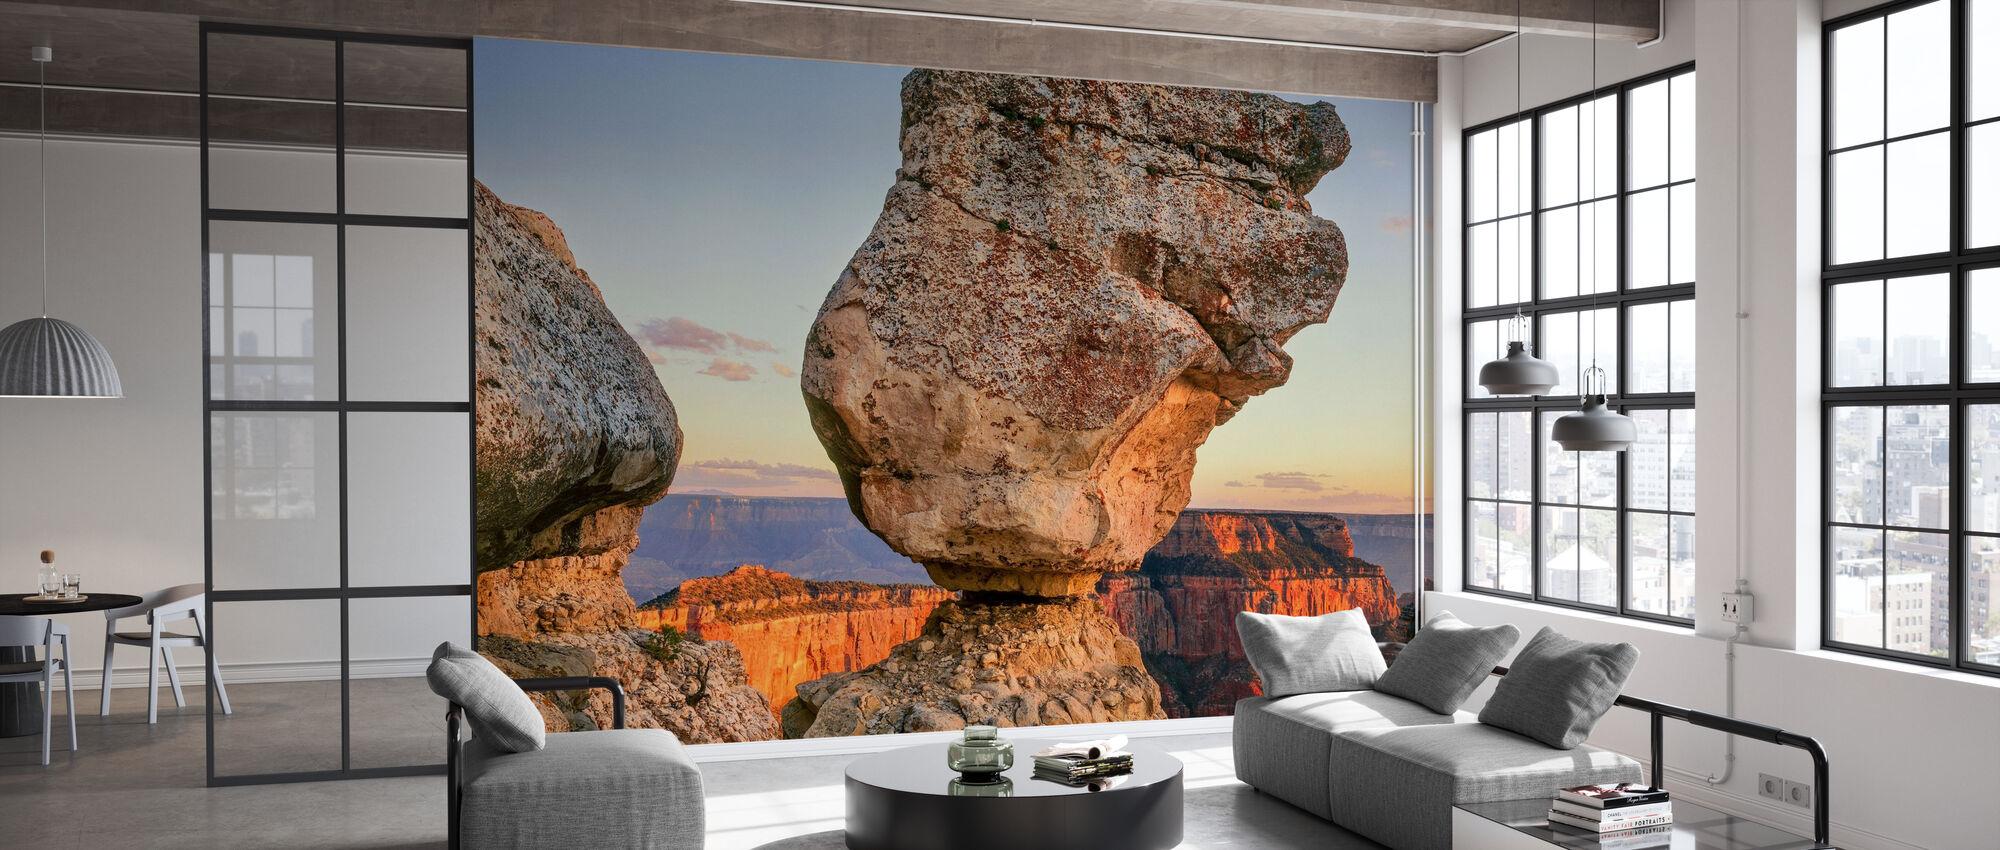 Evenwichtige rots bij zonsondergang - Behang - Kantoor